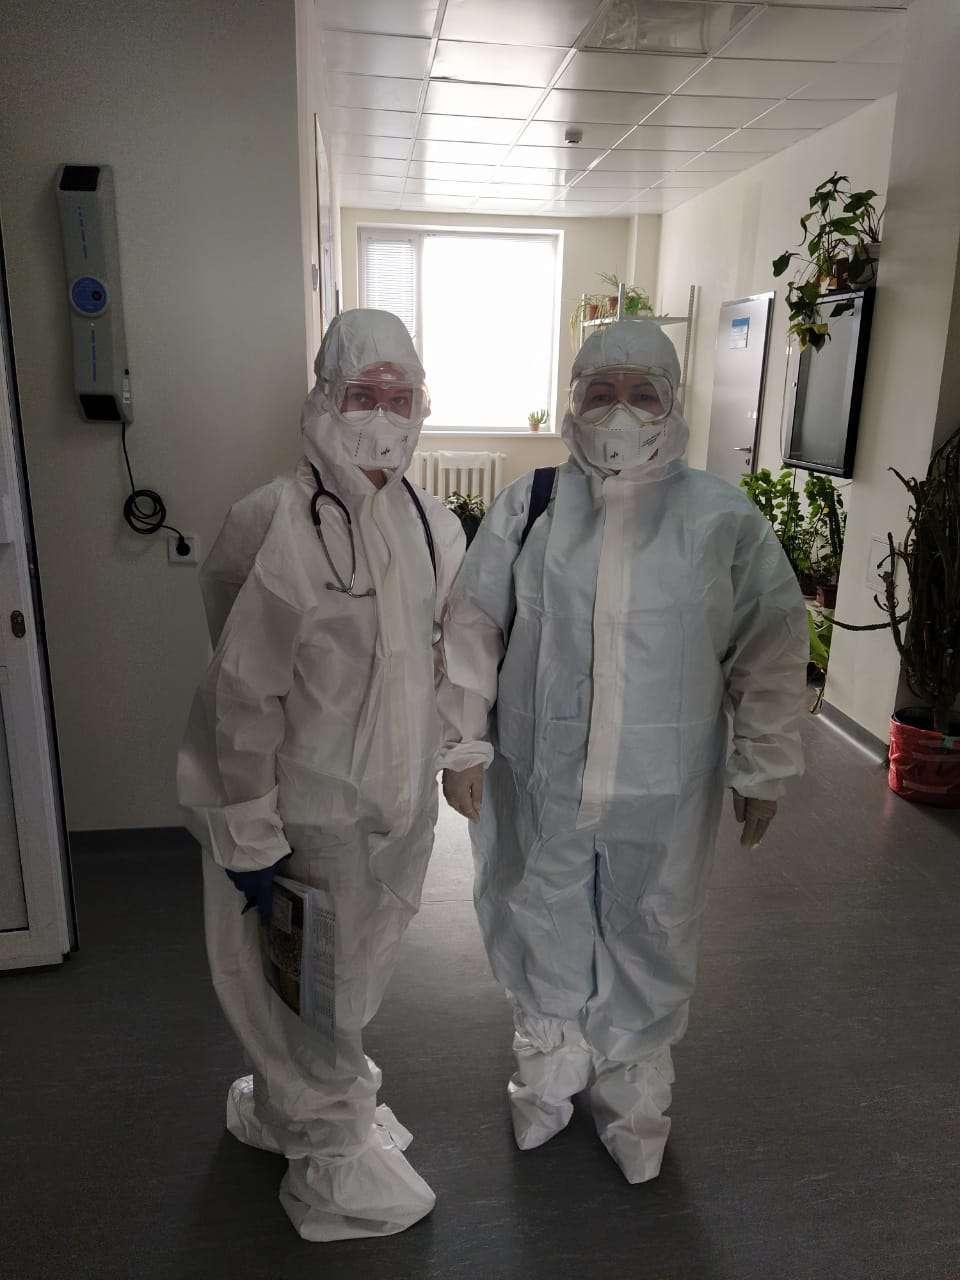 Вот так медики ходят в отделении, где находятся заразившиеся